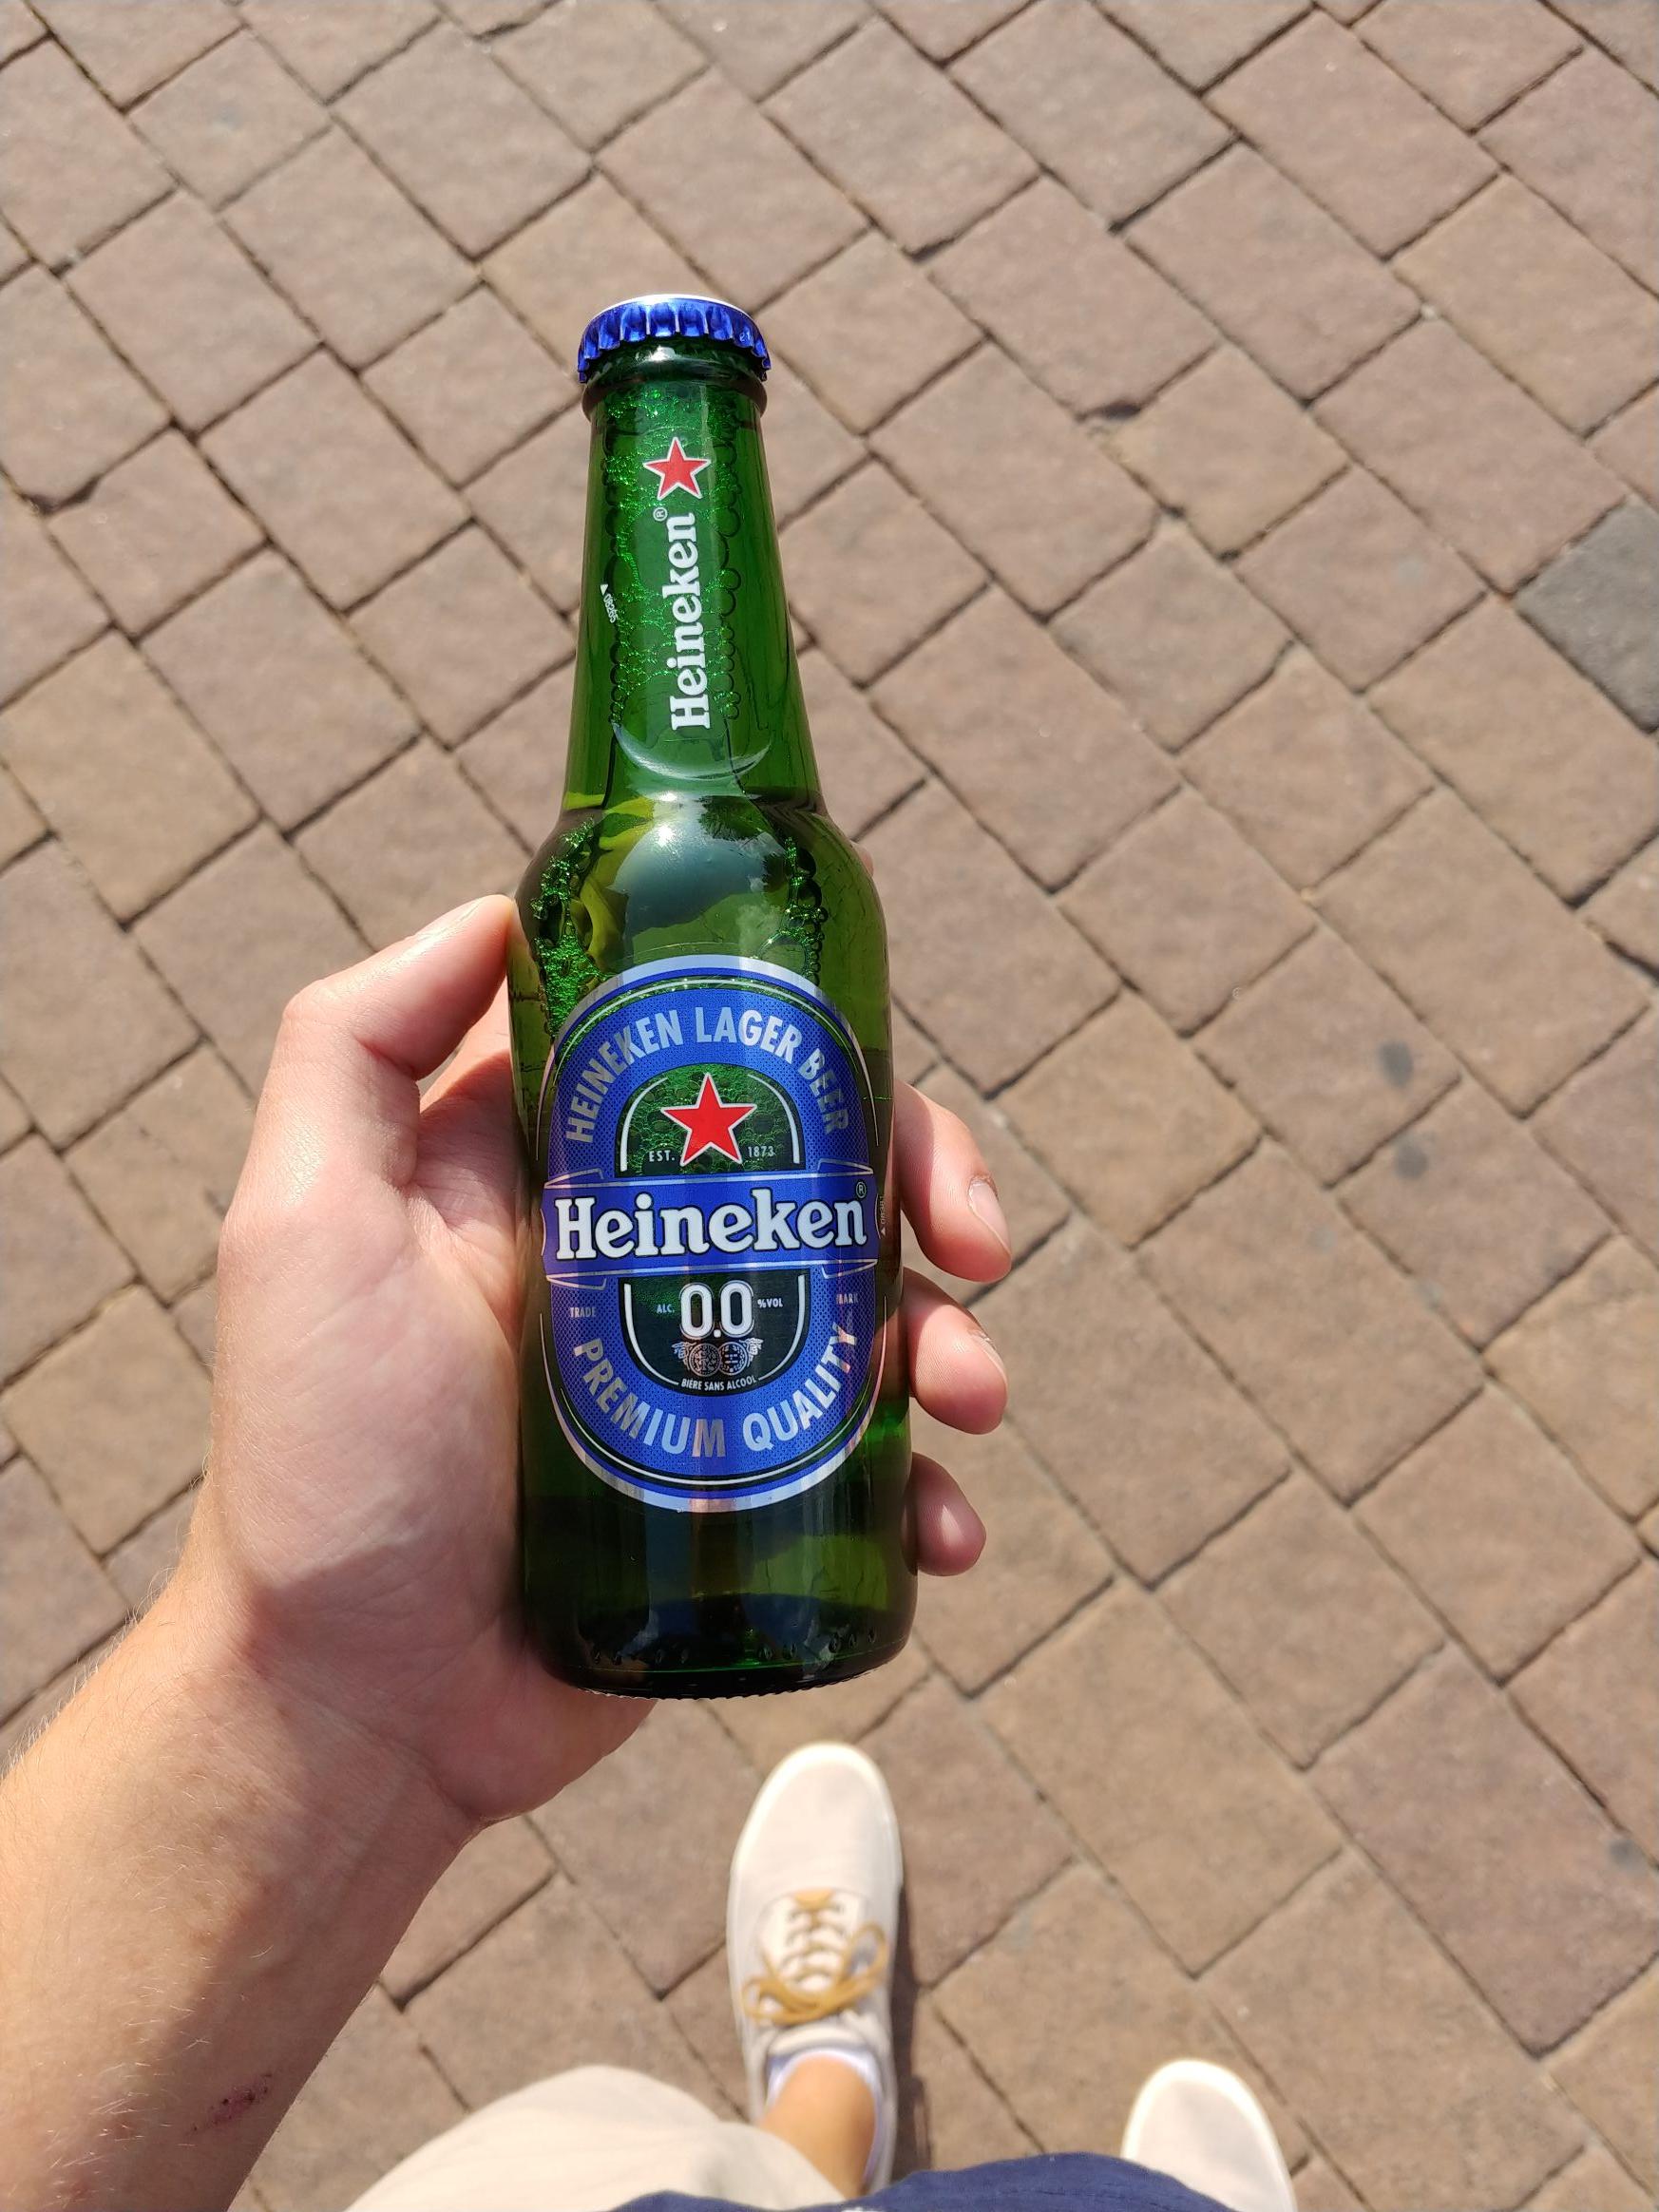 Darmowy Heineken bezalkoholowy Łódź - Park Śledzia (Staromiejski)